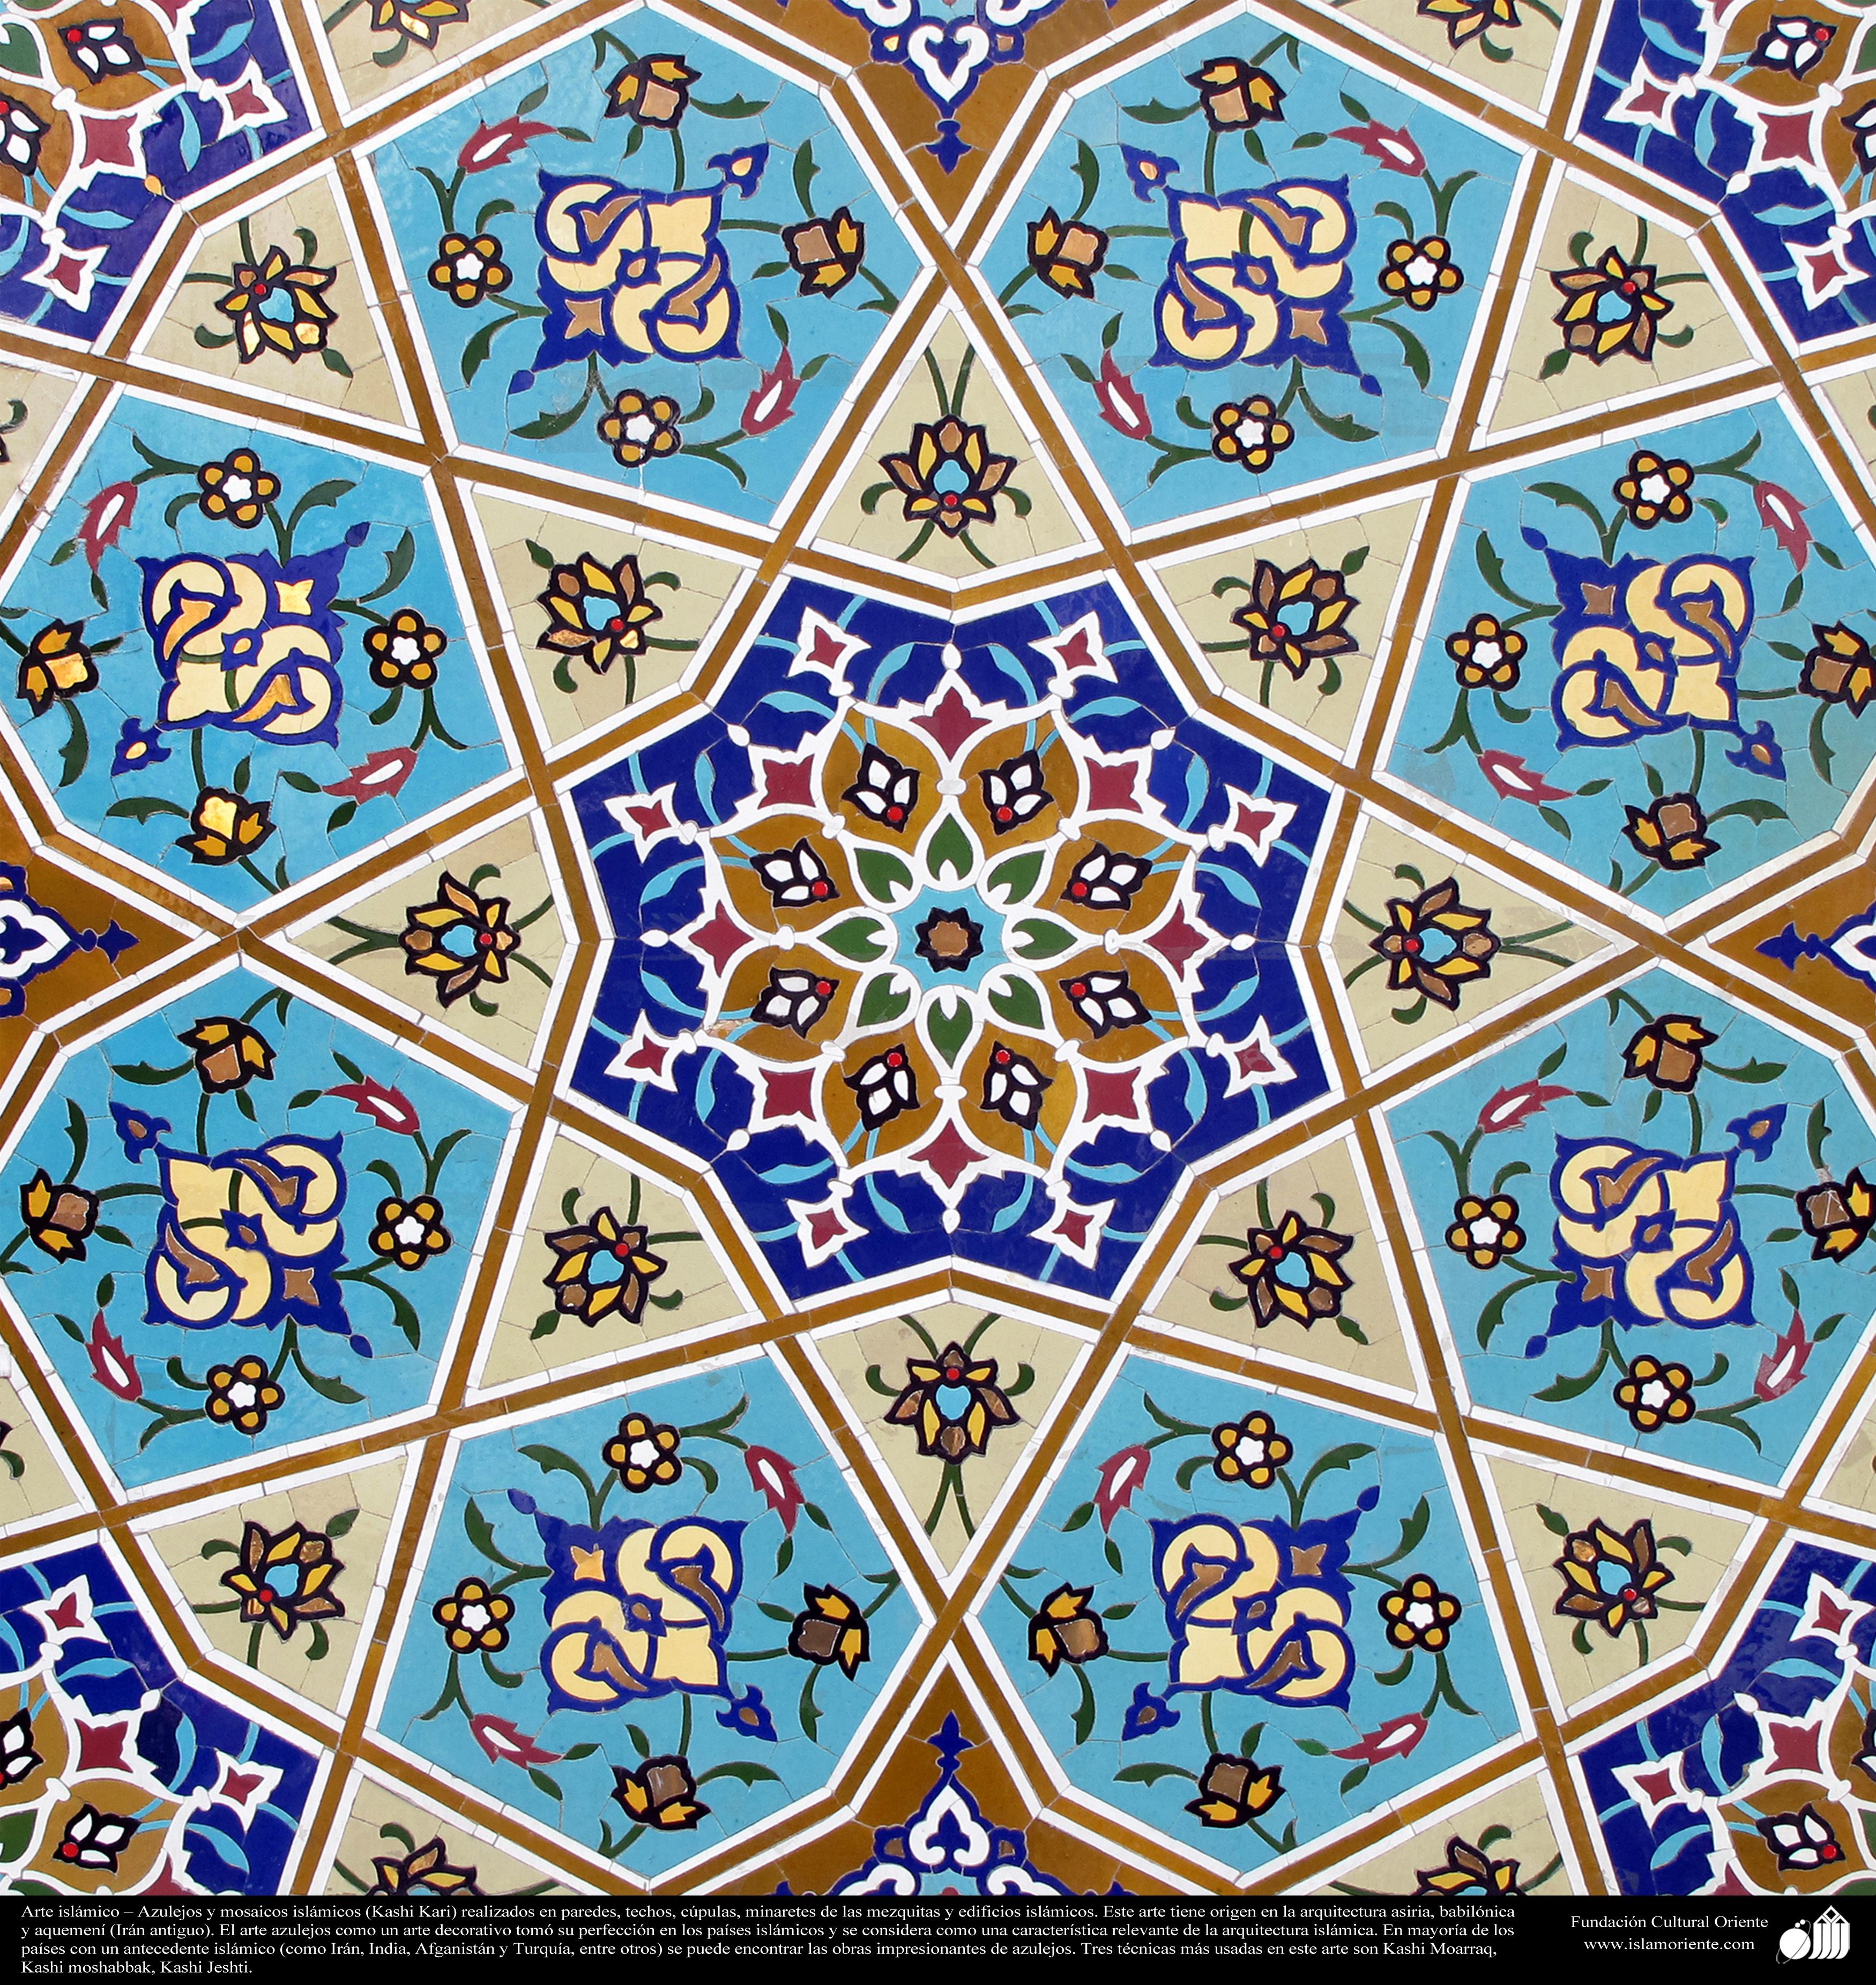 arte isl mico azulejos y mosaicos isl micos kashi kari On imagenes de azulejos